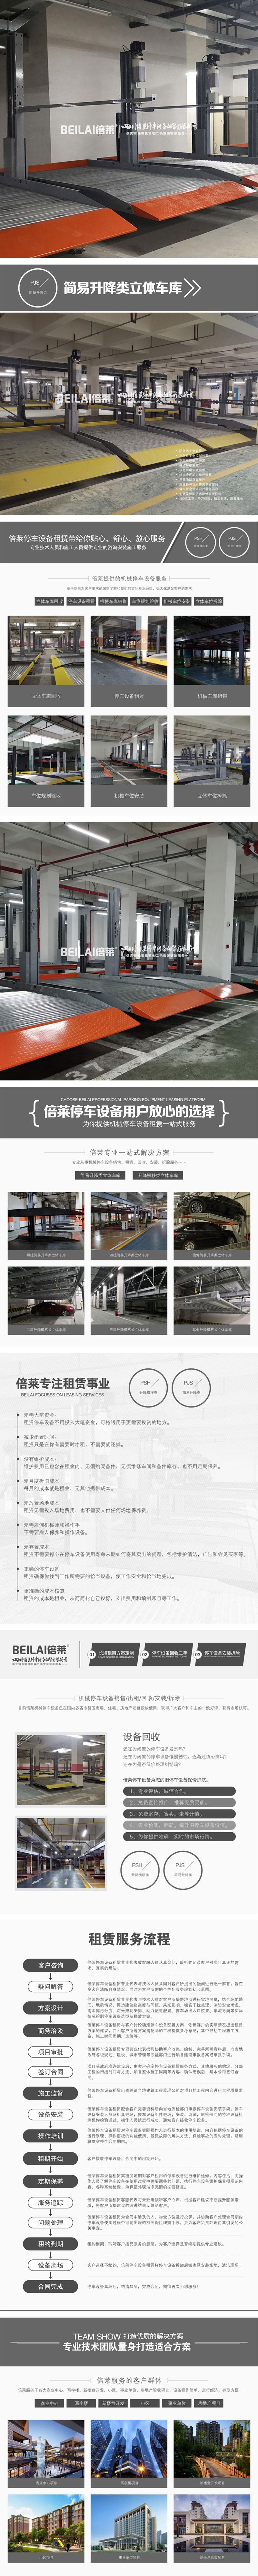 重慶立體停車場改造華鎣立體停車設備倍萊升降橫移